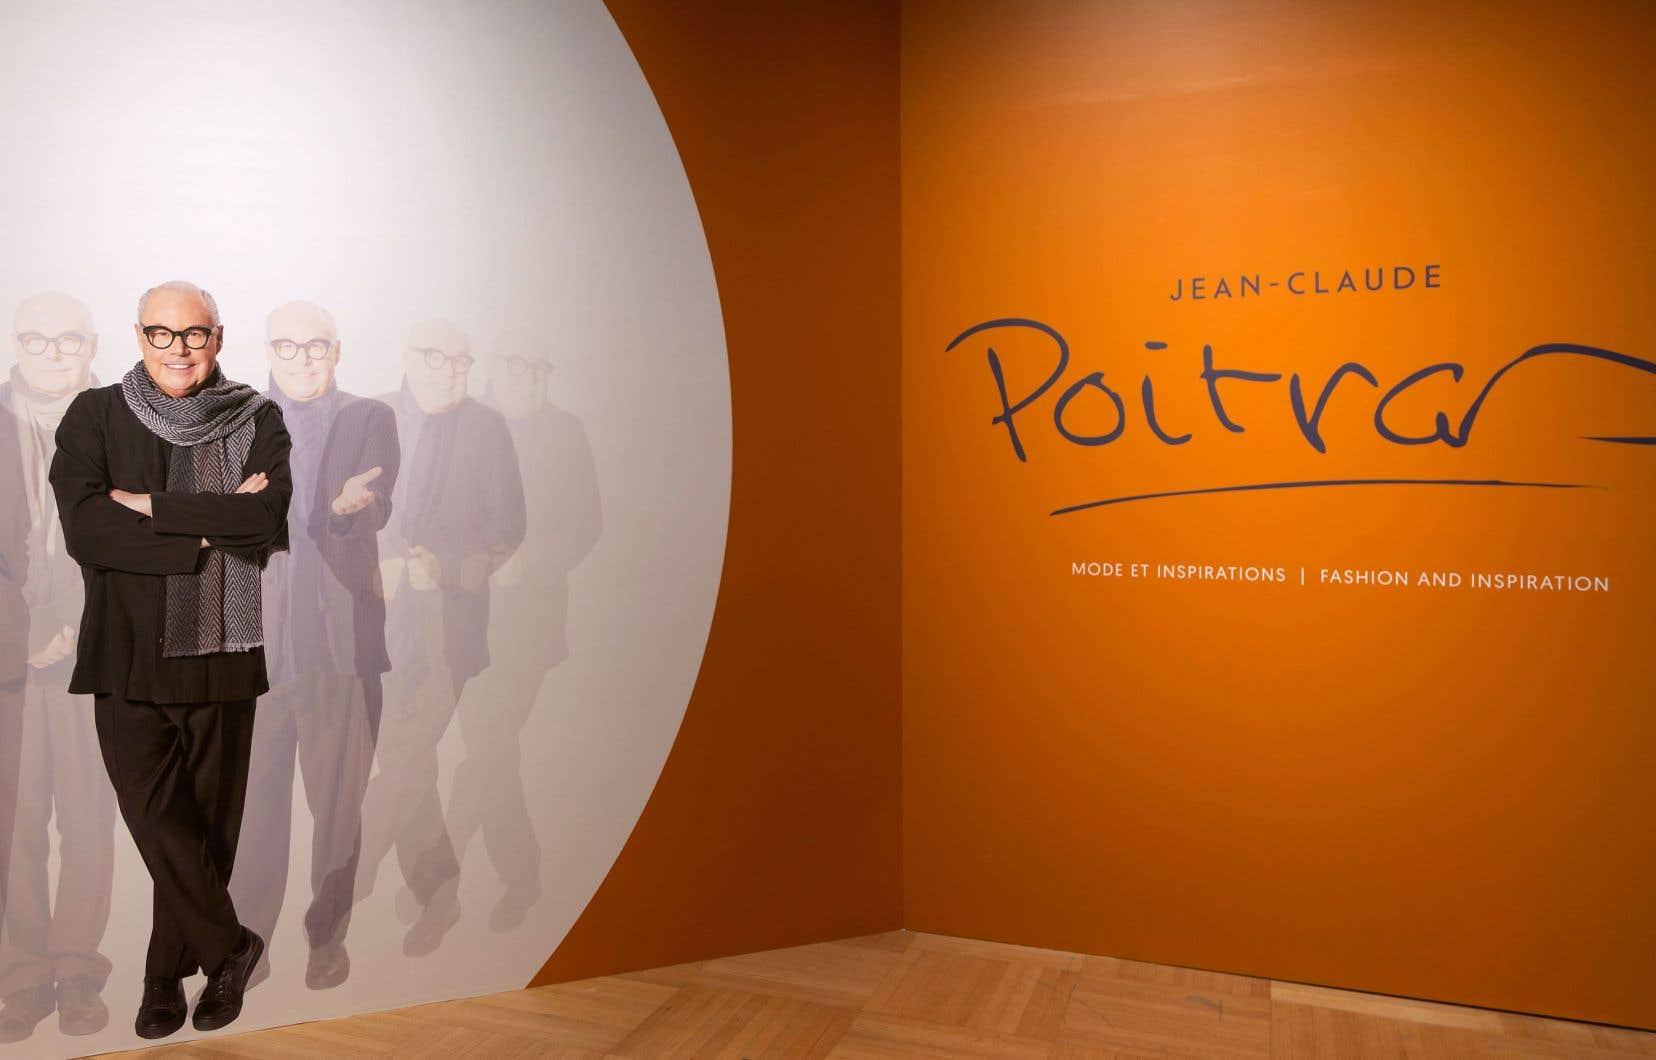 Plusieurs formes d'expression nourrissent l'inspiration du designer Jean-Claude Poitras: cinéma, chanson française, jazz, danse, poésie, peinture, littérature...